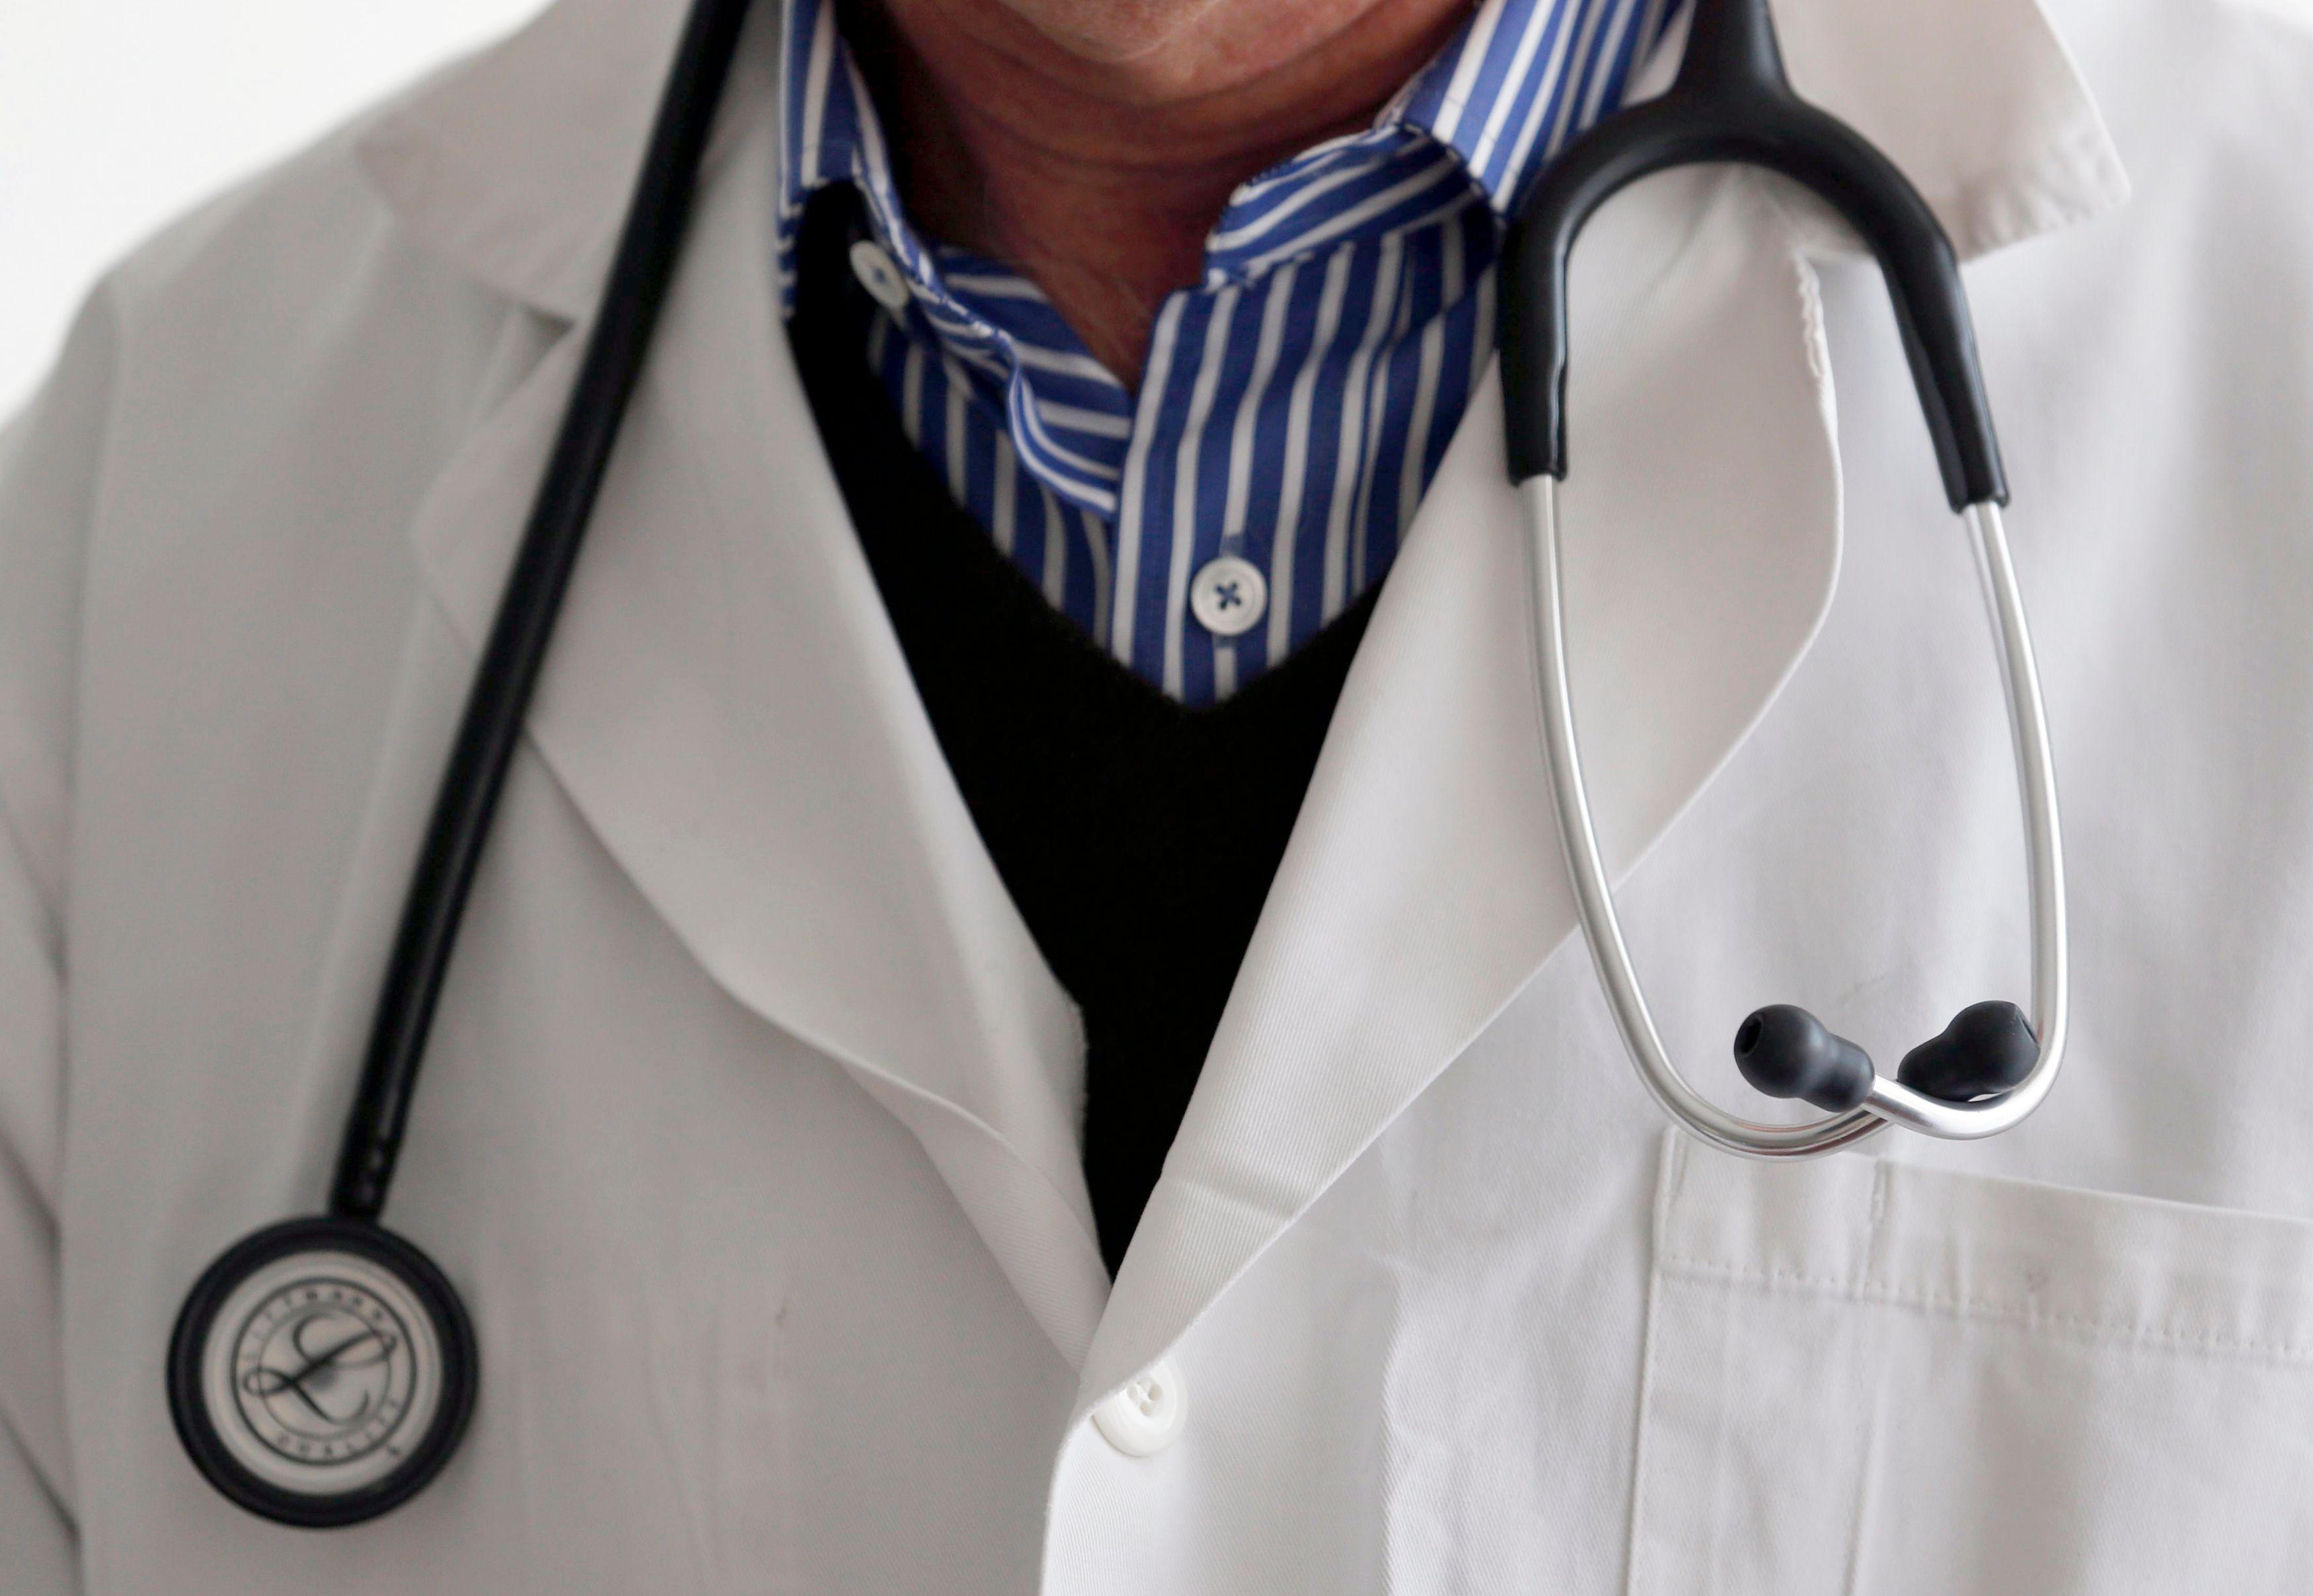 Nombre record d'agressions contre les médecins : de la nécessité d'assumer (beaucoup) plus de sévérité face aux incivilités qui empoisonnent le quotidien